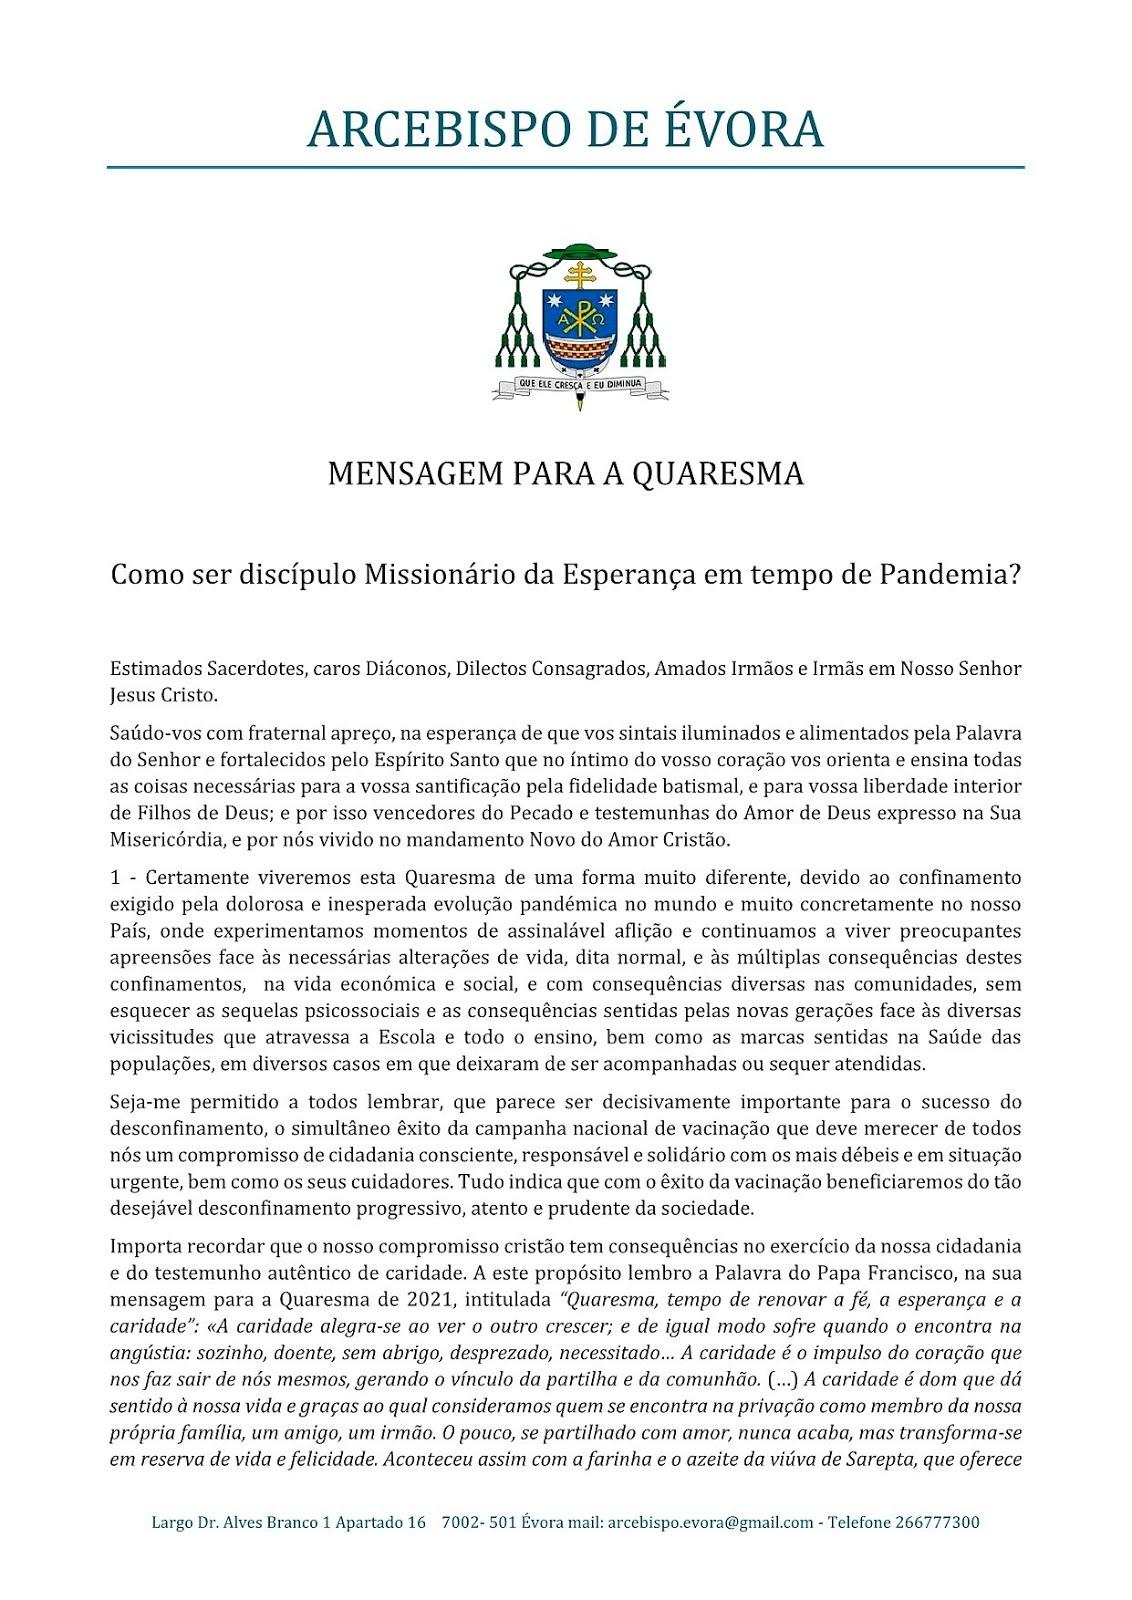 MENSAGEM PARA A QUARESMA - 1/3